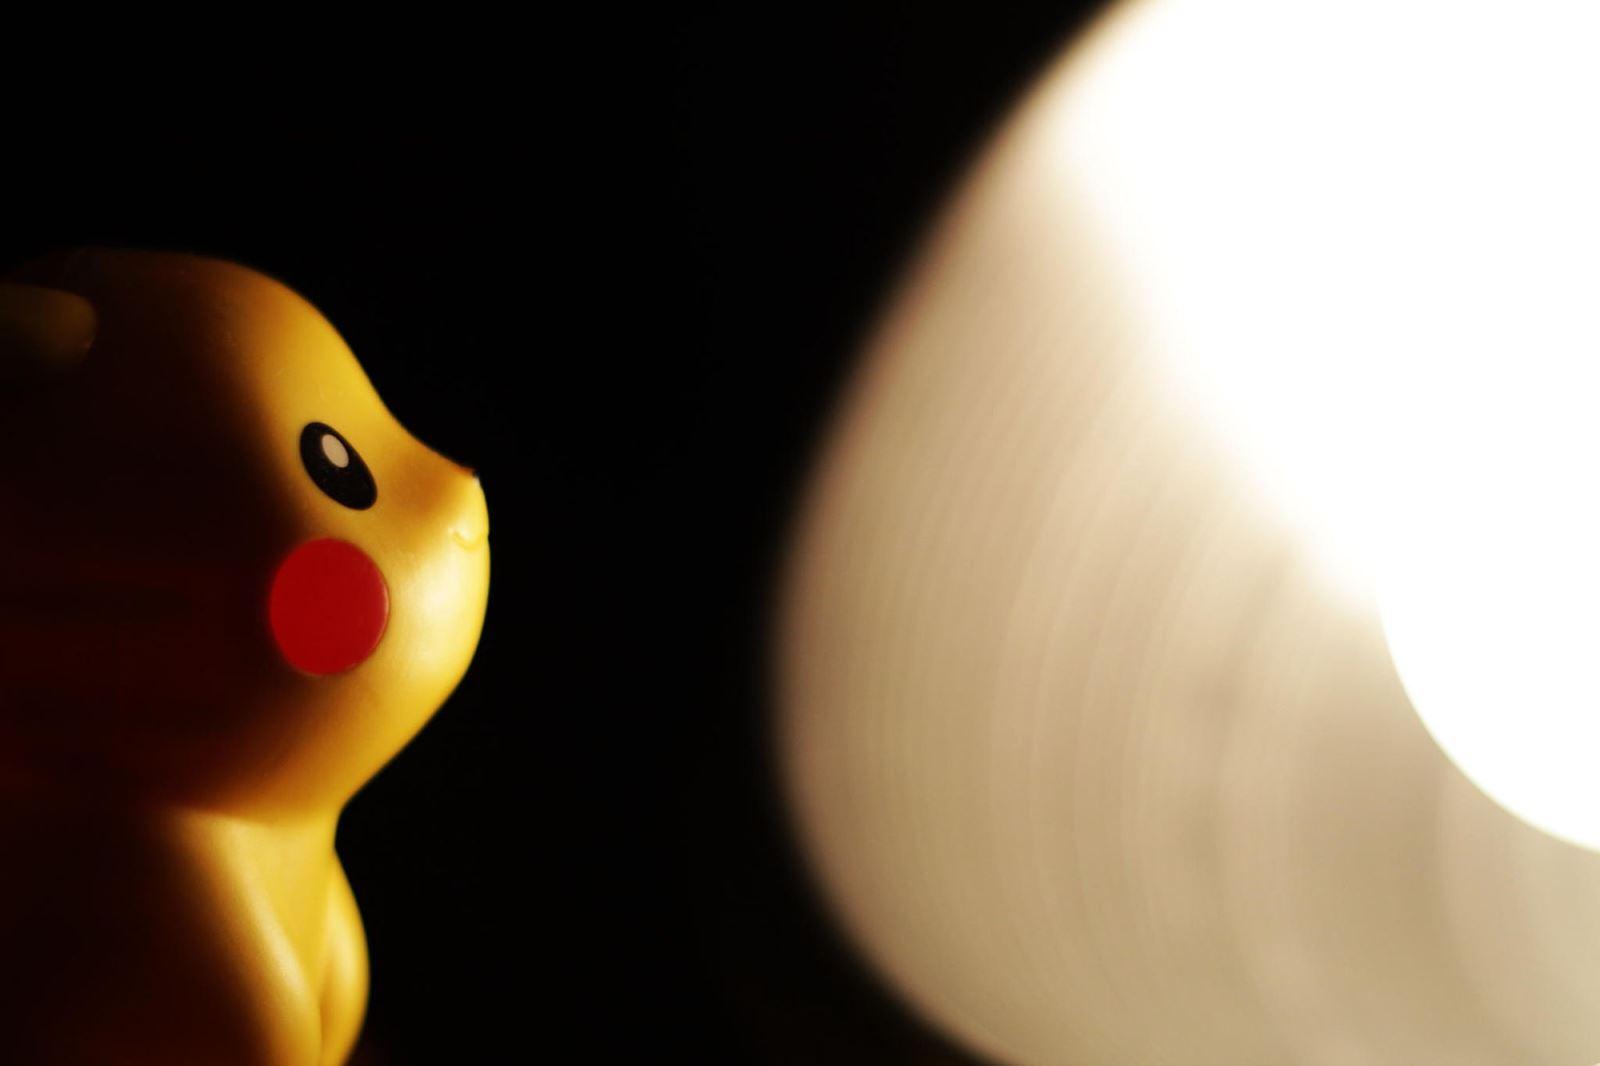 Bộ ảnh nền máy tính độ phân giải cao dành cho tín đồ Pokemon Go